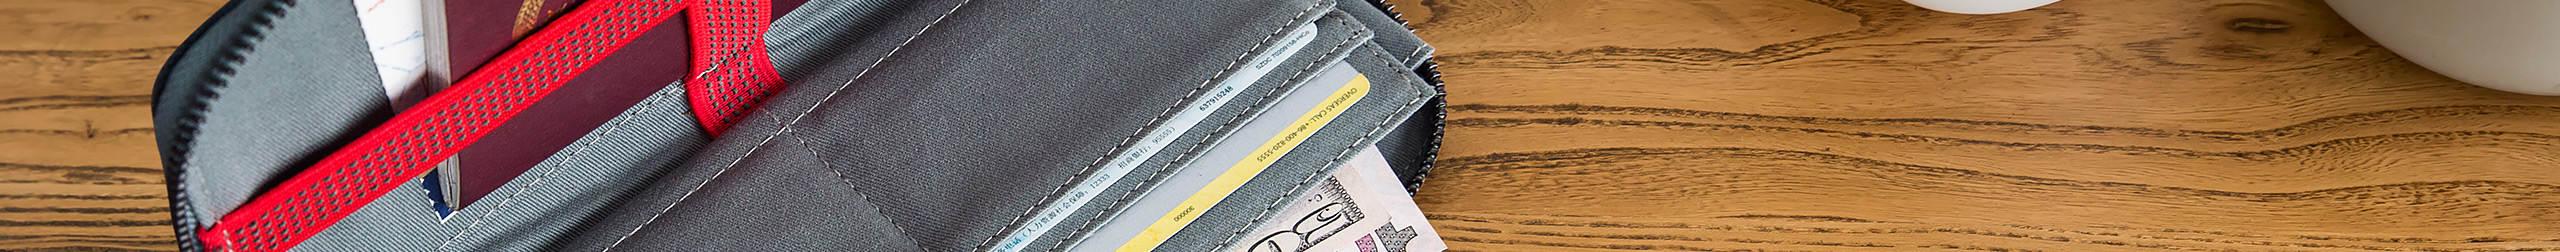 一加旅行证件包(蓝灰色)21